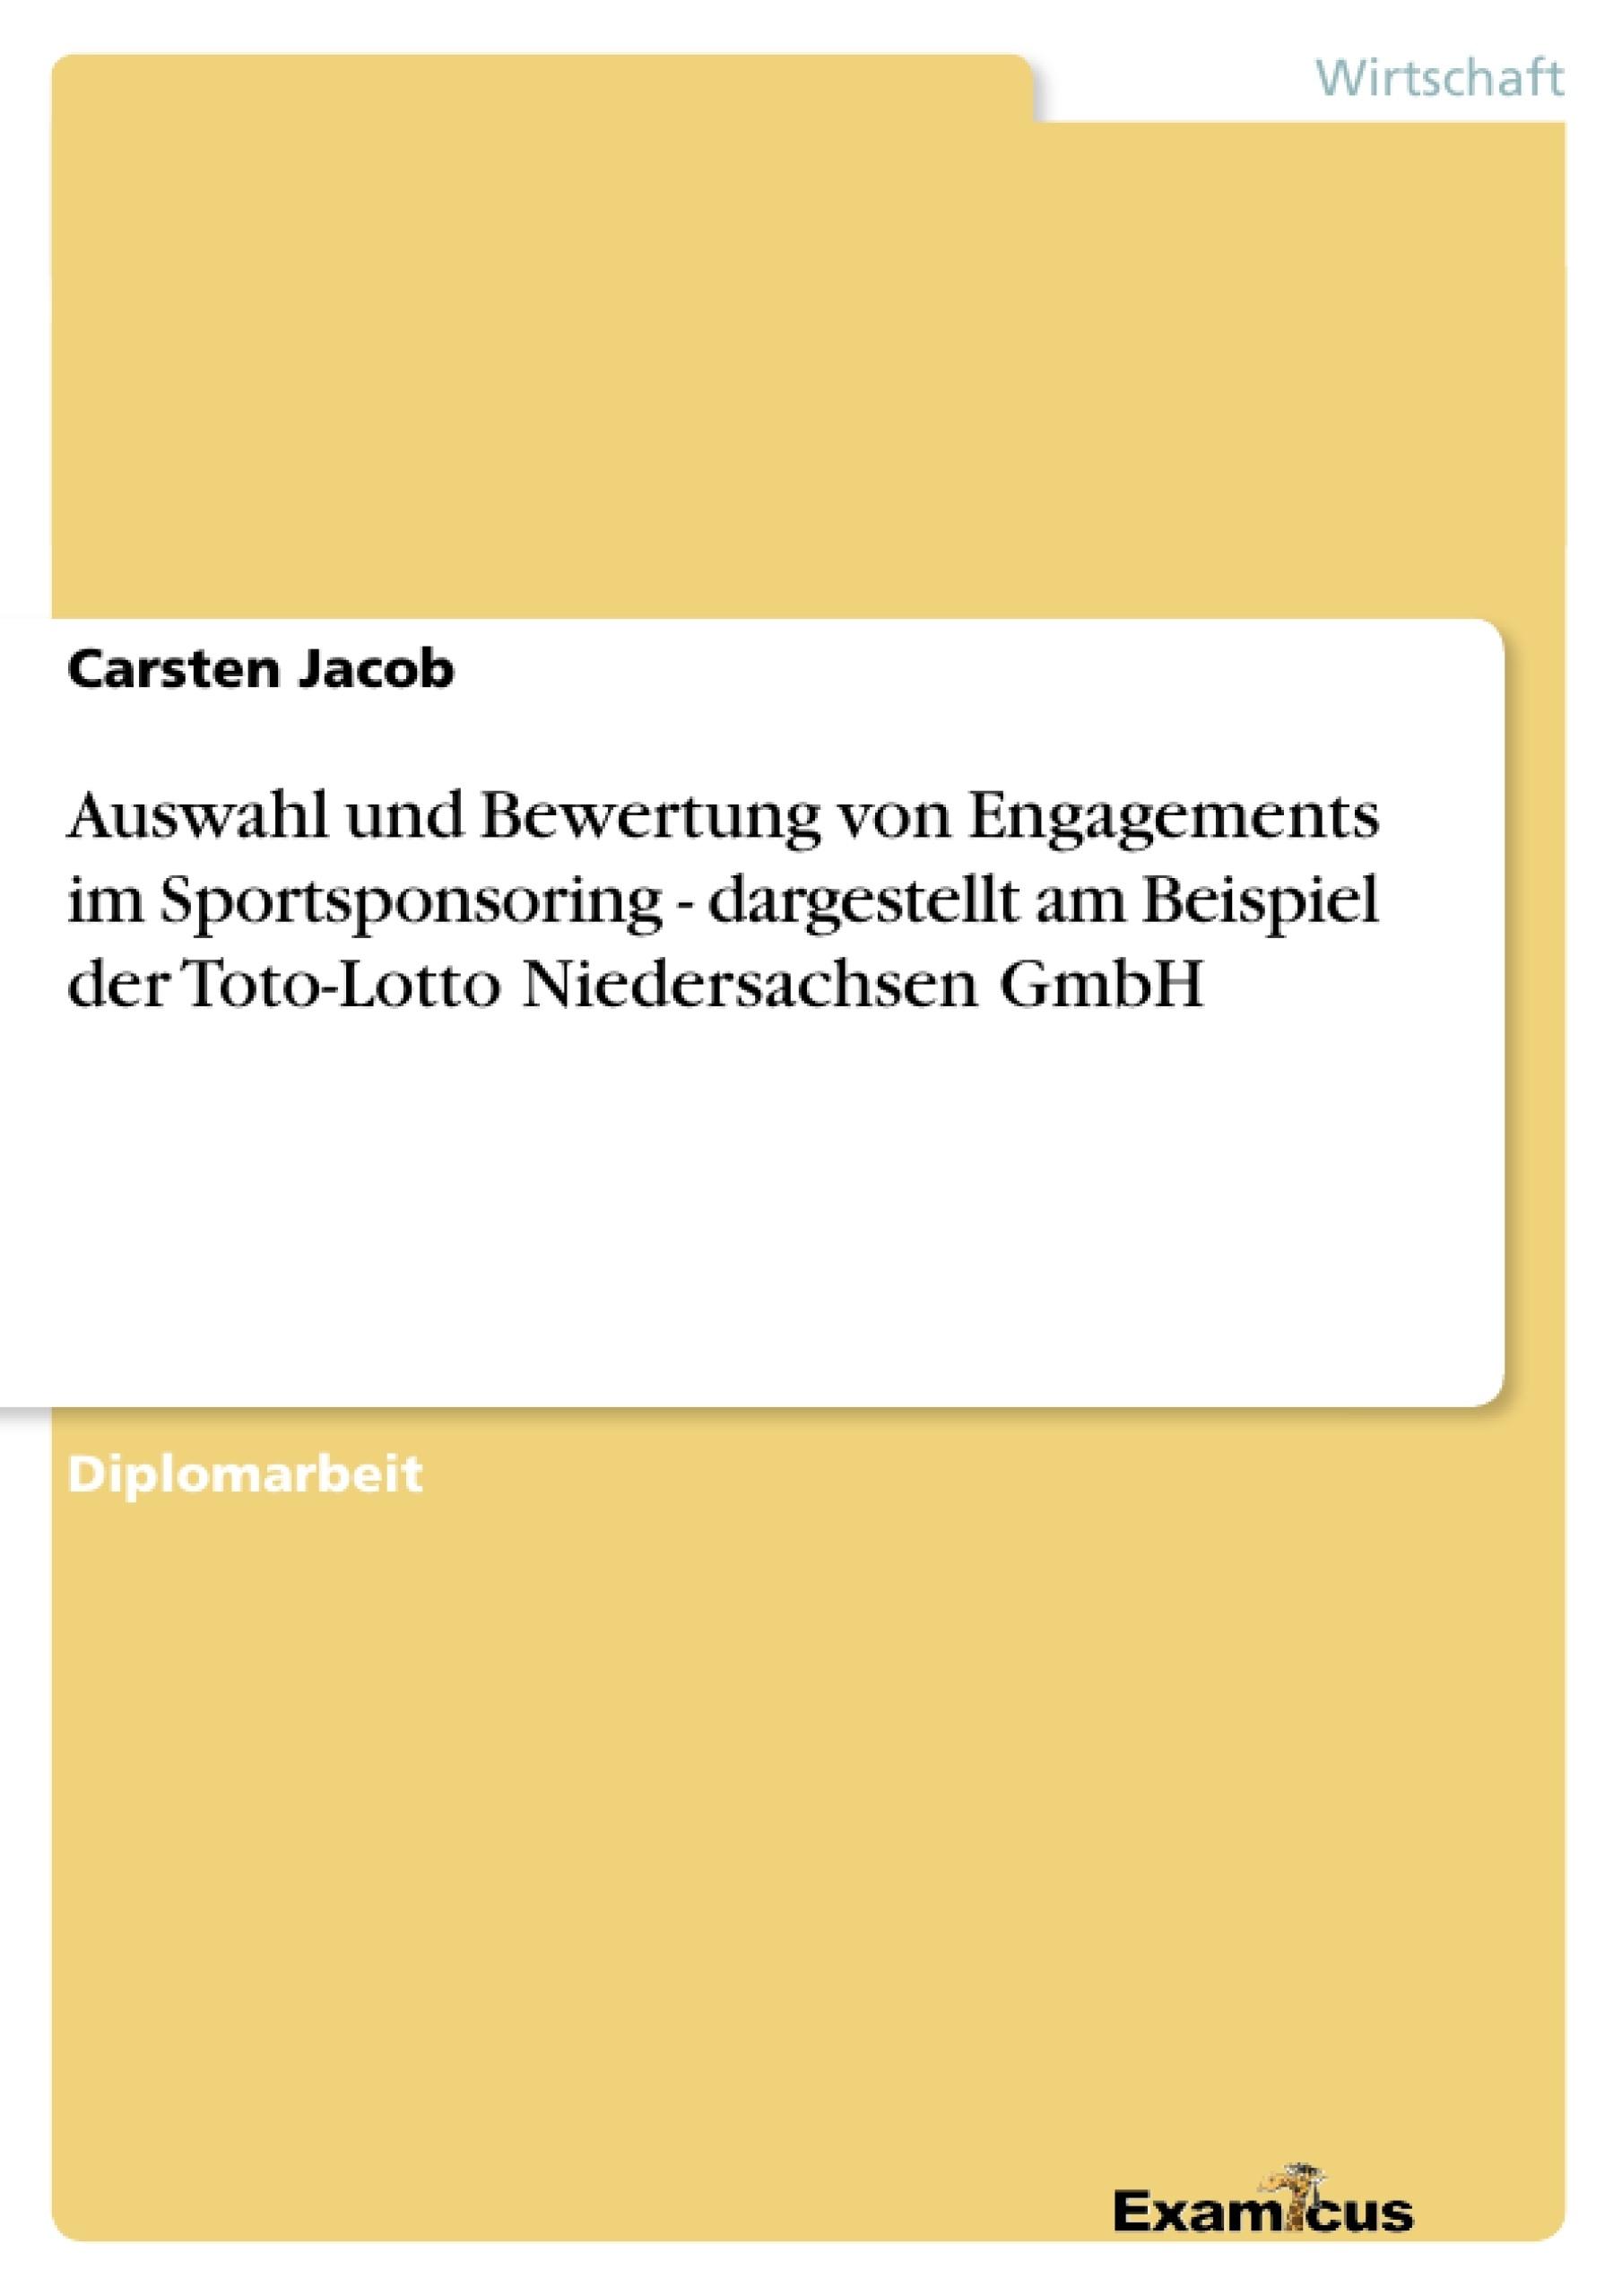 Titel: Auswahl und Bewertung von Engagements im Sportsponsoring  - dargestellt am Beispiel der Toto-Lotto Niedersachsen GmbH